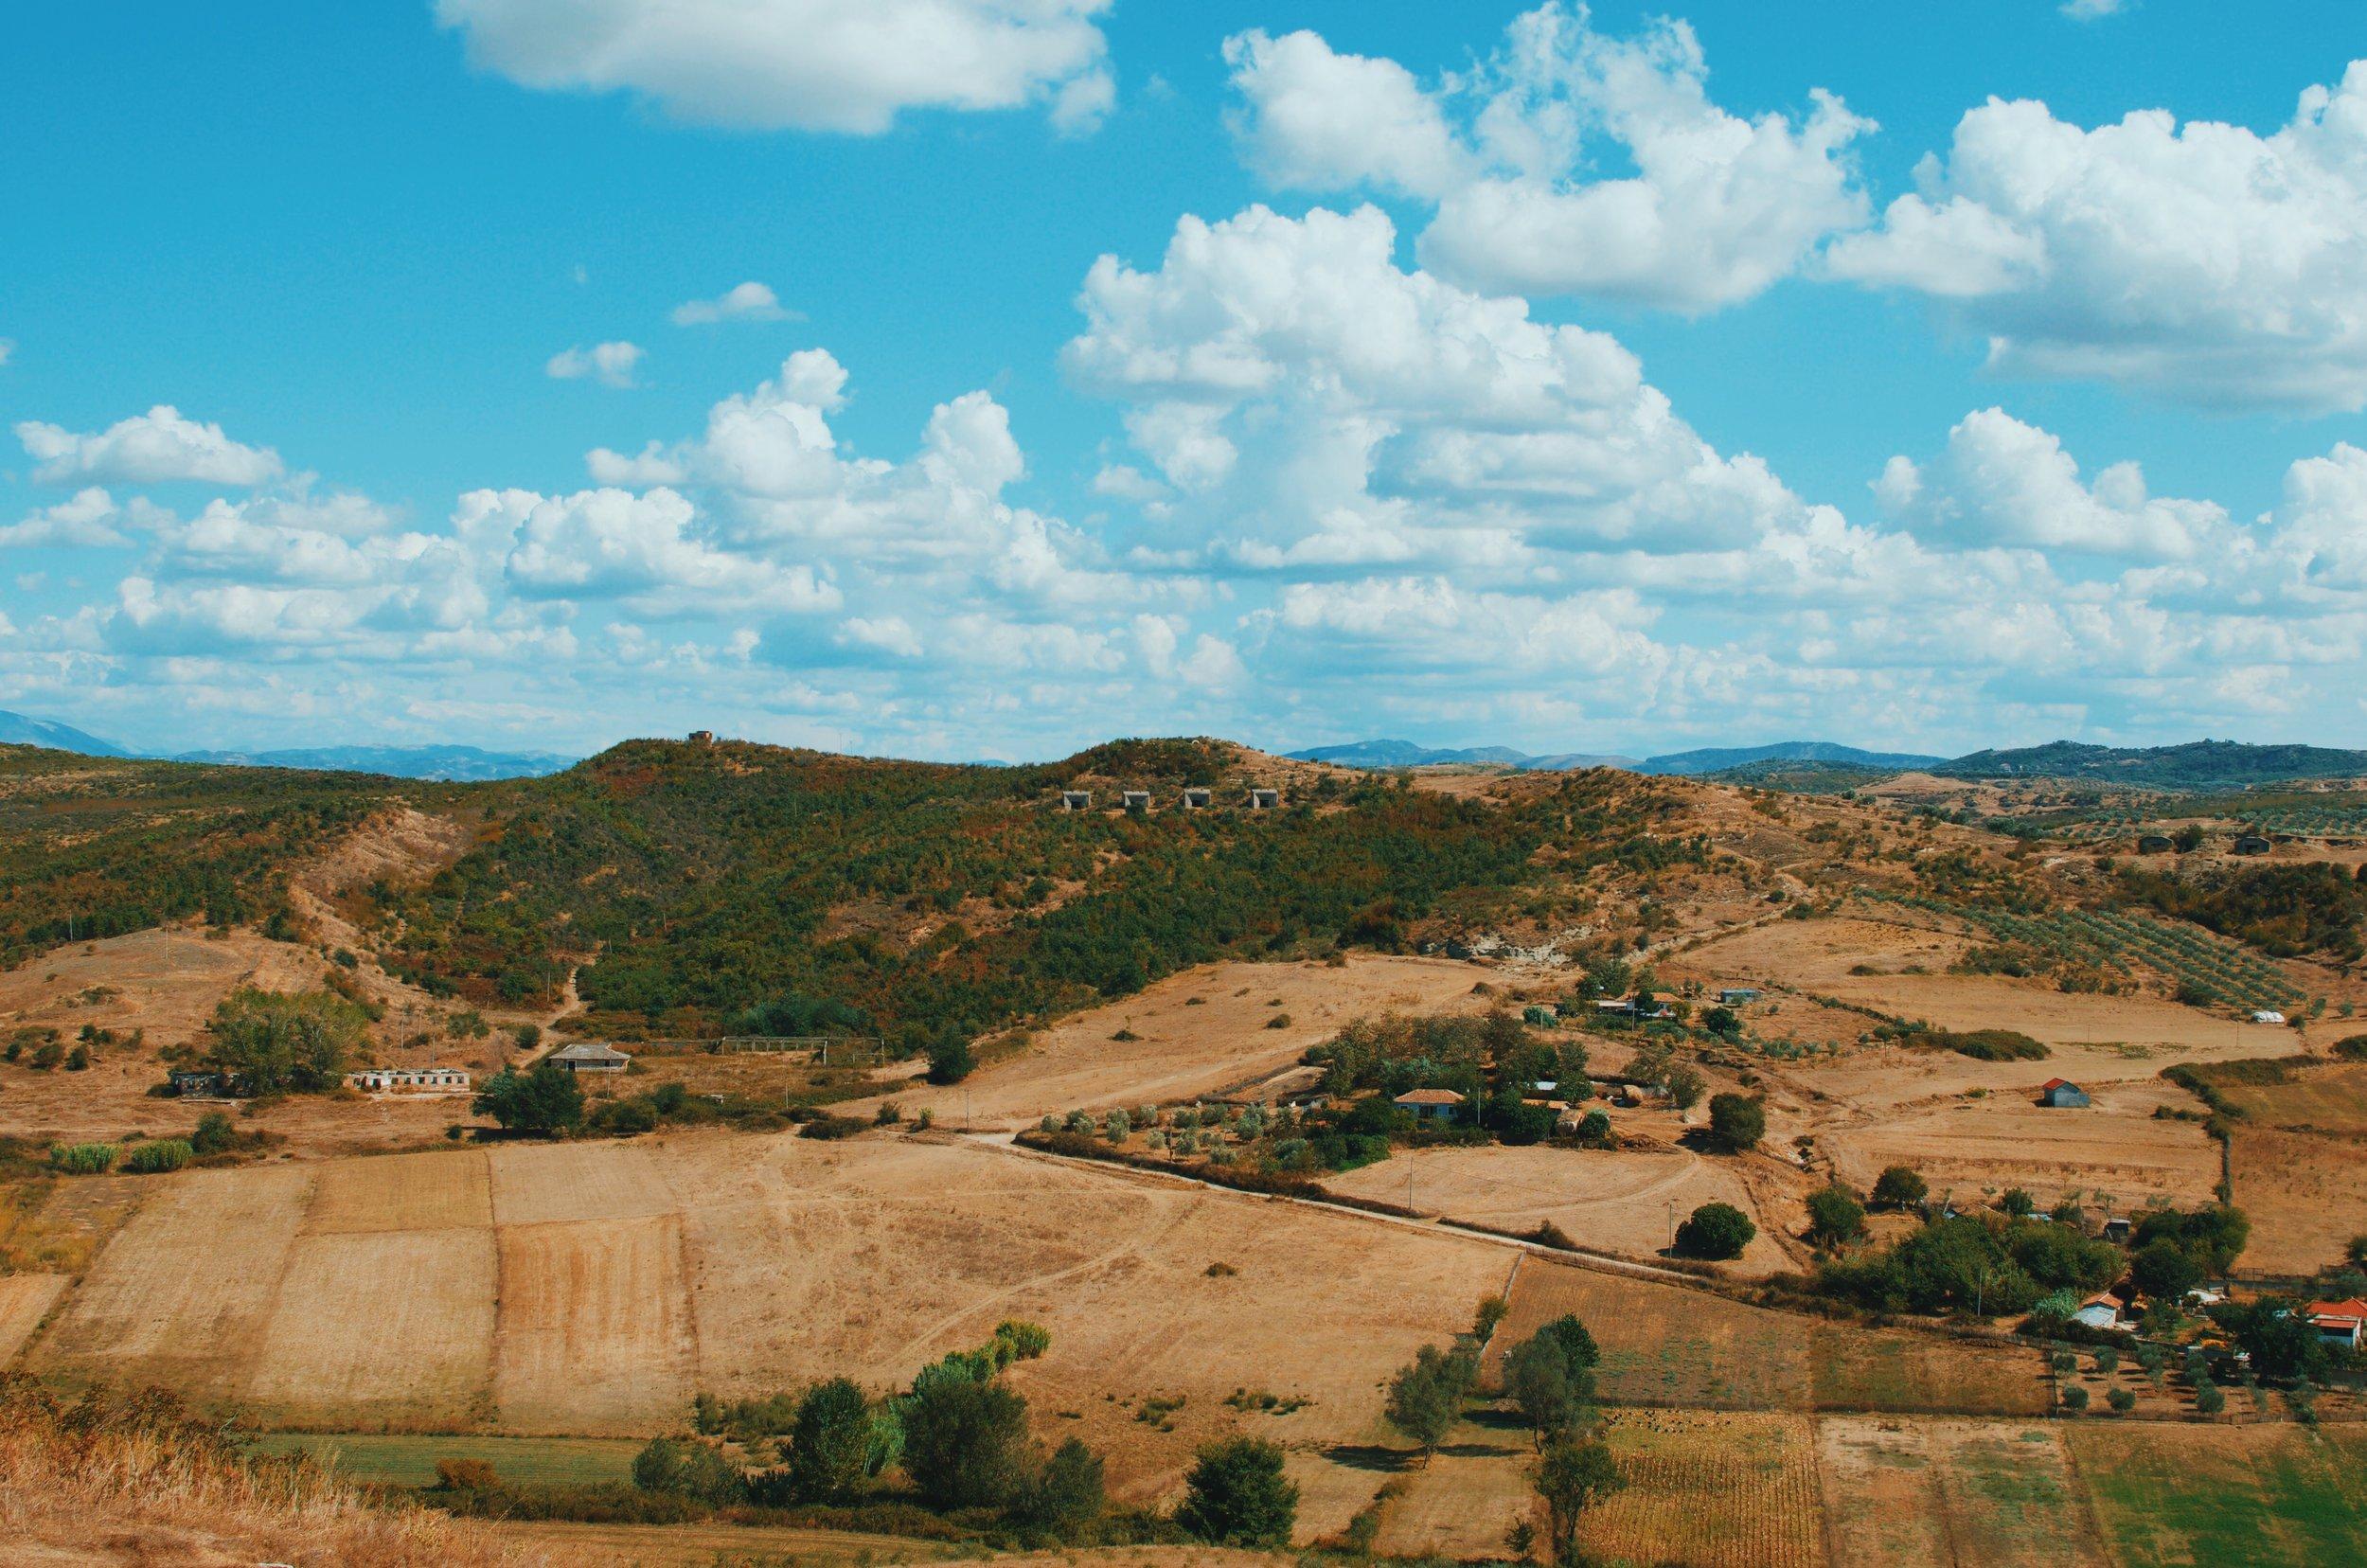 Landscape from Apollinia, Albania